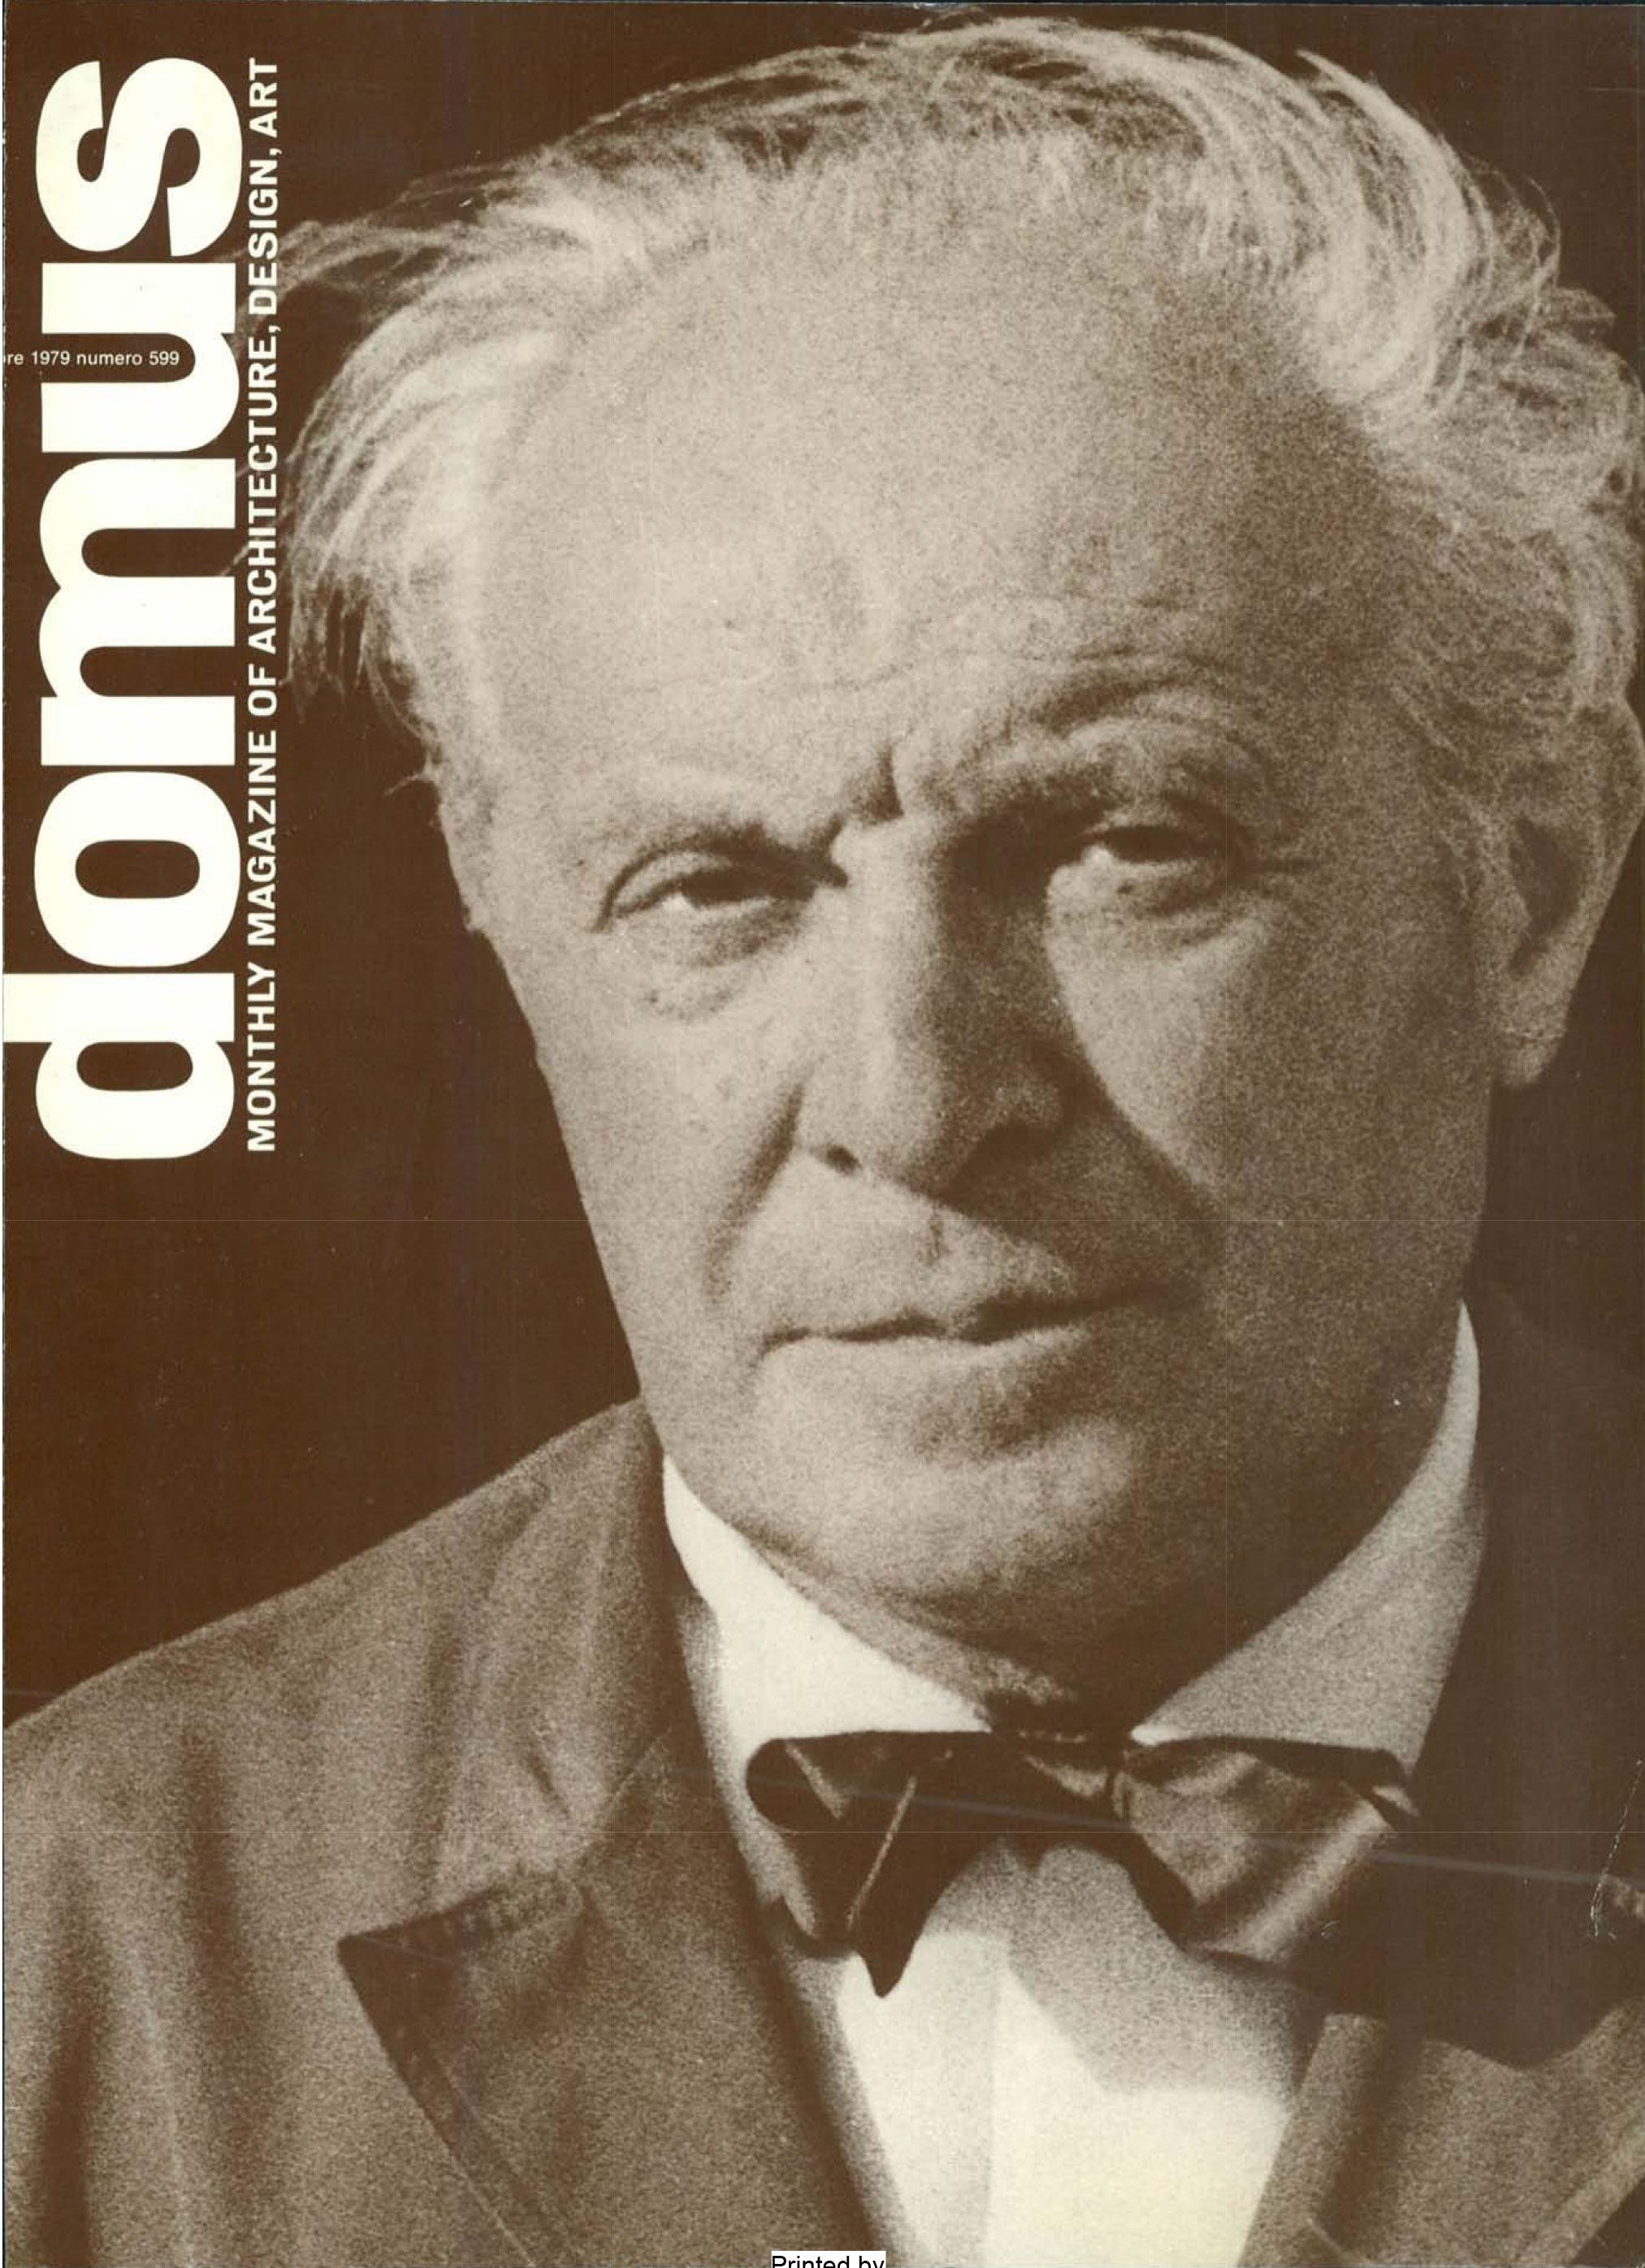 domus---n_-599-octobre-1979-imp